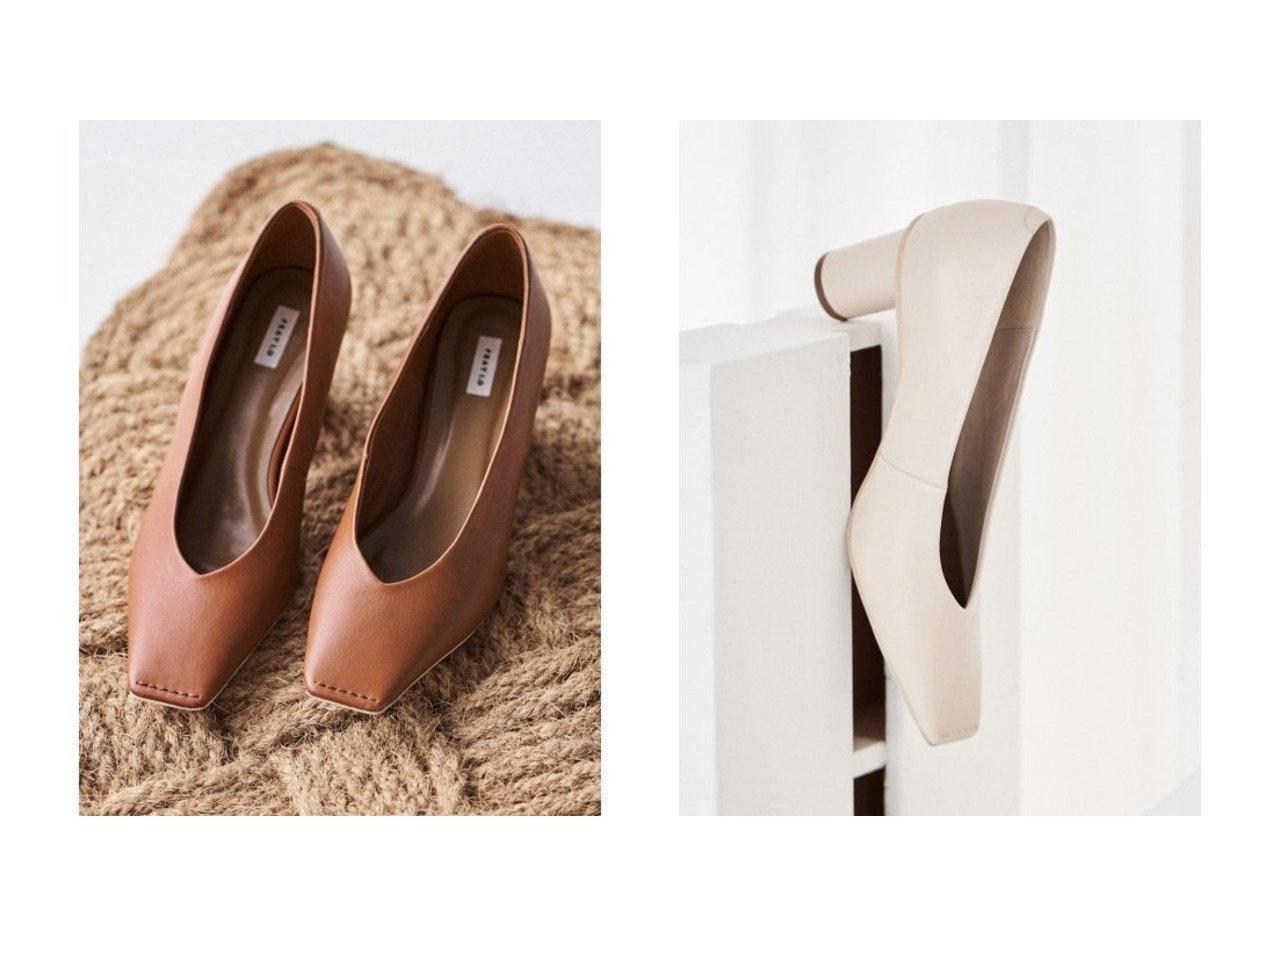 【FRAY I.D/フレイ アイディー】のスクエアトゥVカットパンプス 【シューズ・靴】おすすめ!人気、トレンド・レディースファッションの通販 おすすめで人気の流行・トレンド、ファッションの通販商品 インテリア・家具・メンズファッション・キッズファッション・レディースファッション・服の通販 founy(ファニー) https://founy.com/ ファッション Fashion レディースファッション WOMEN インソール クッション シューズ スマート スリム 再入荷 Restock/Back in Stock/Re Arrival  ID:crp329100000062640